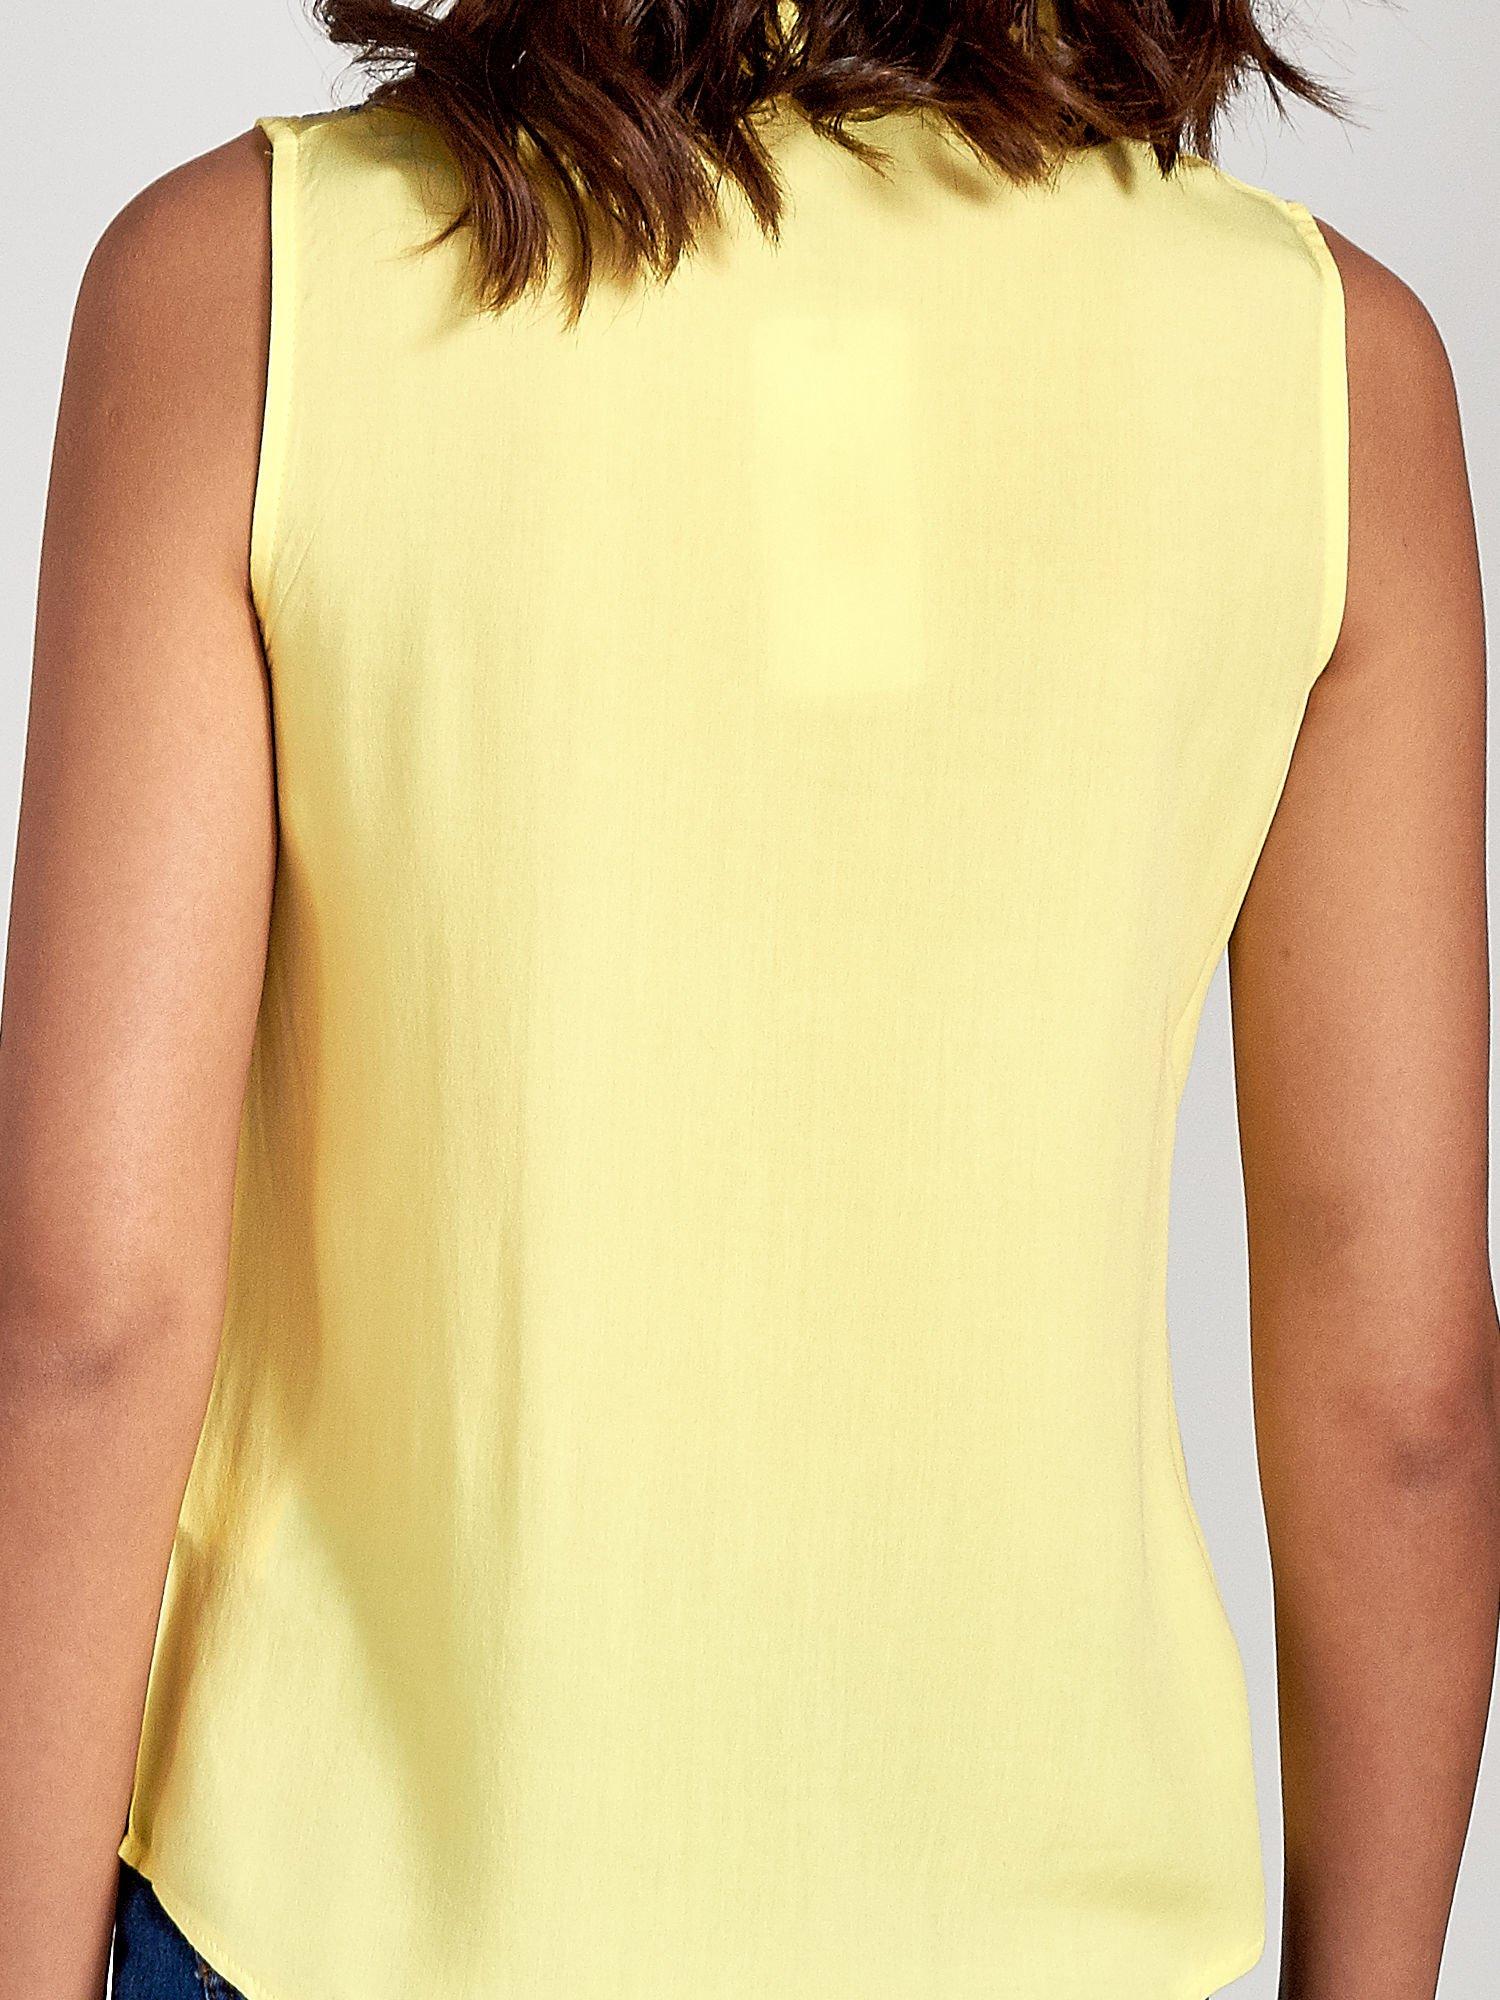 Żółta koszula bez rękawów z kolorowym haftem na górze                                  zdj.                                  6